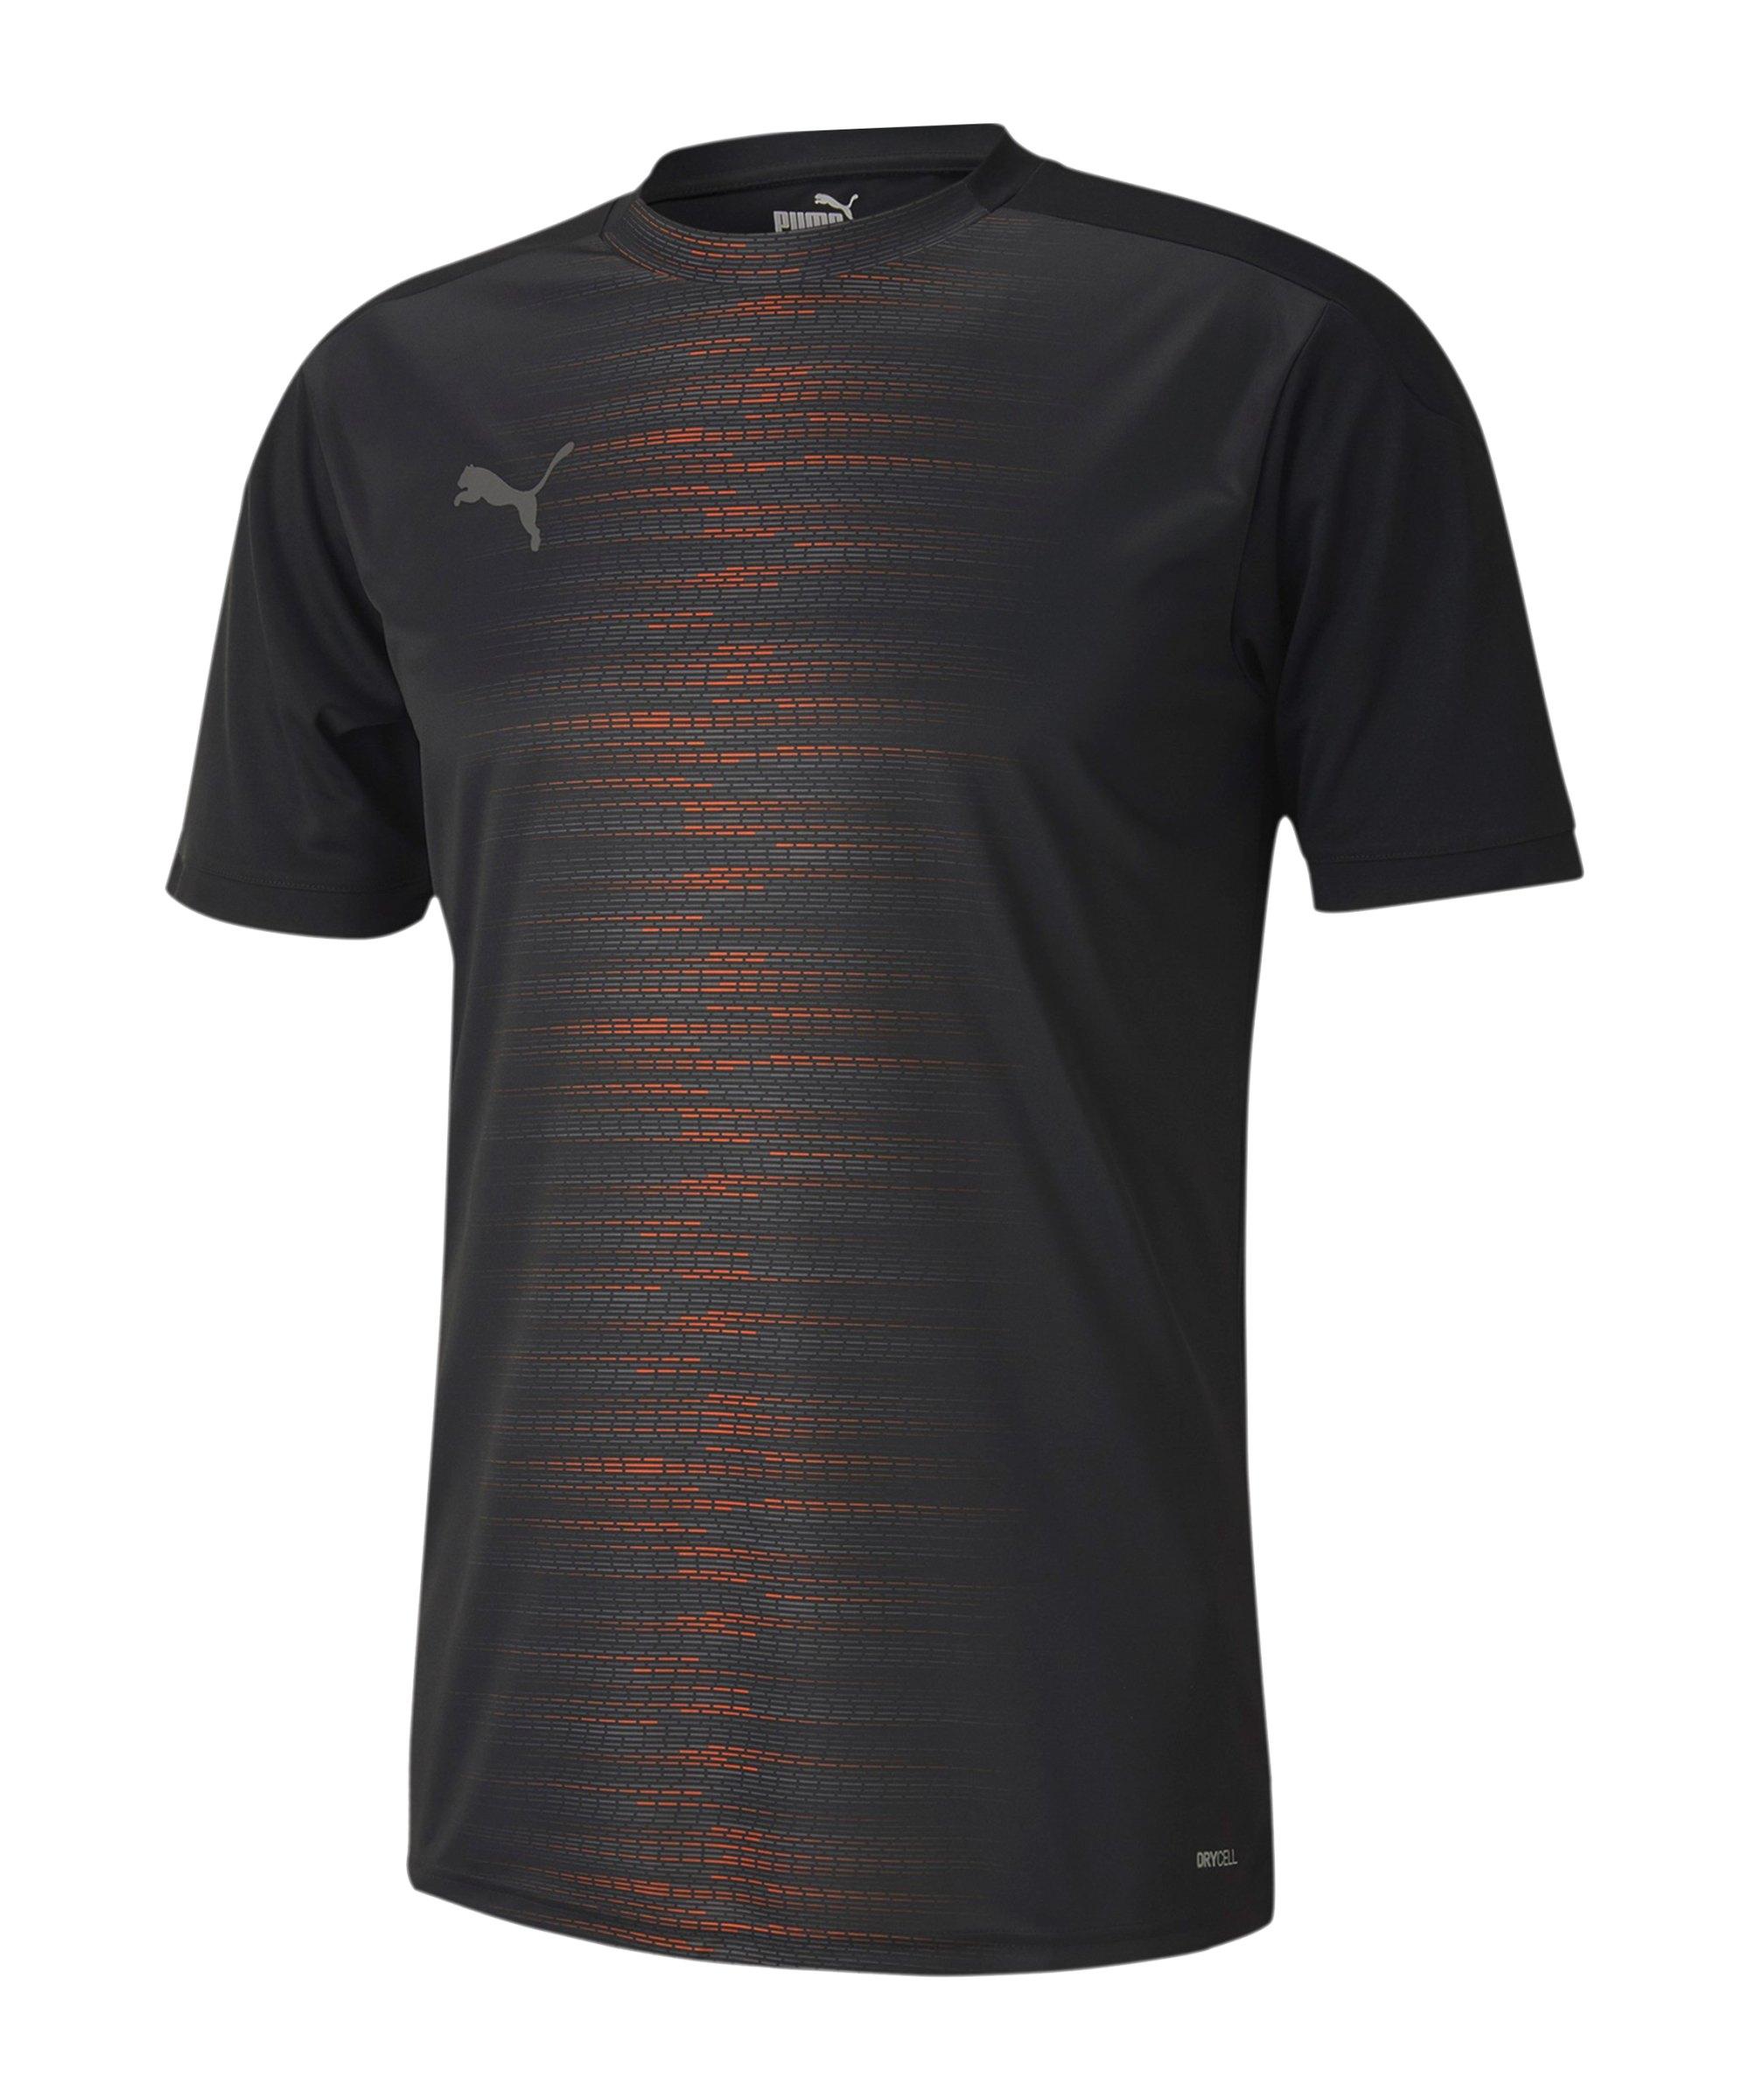 PUMA ftblNXT Pro T-Shirt Schwarz F01 - schwarz